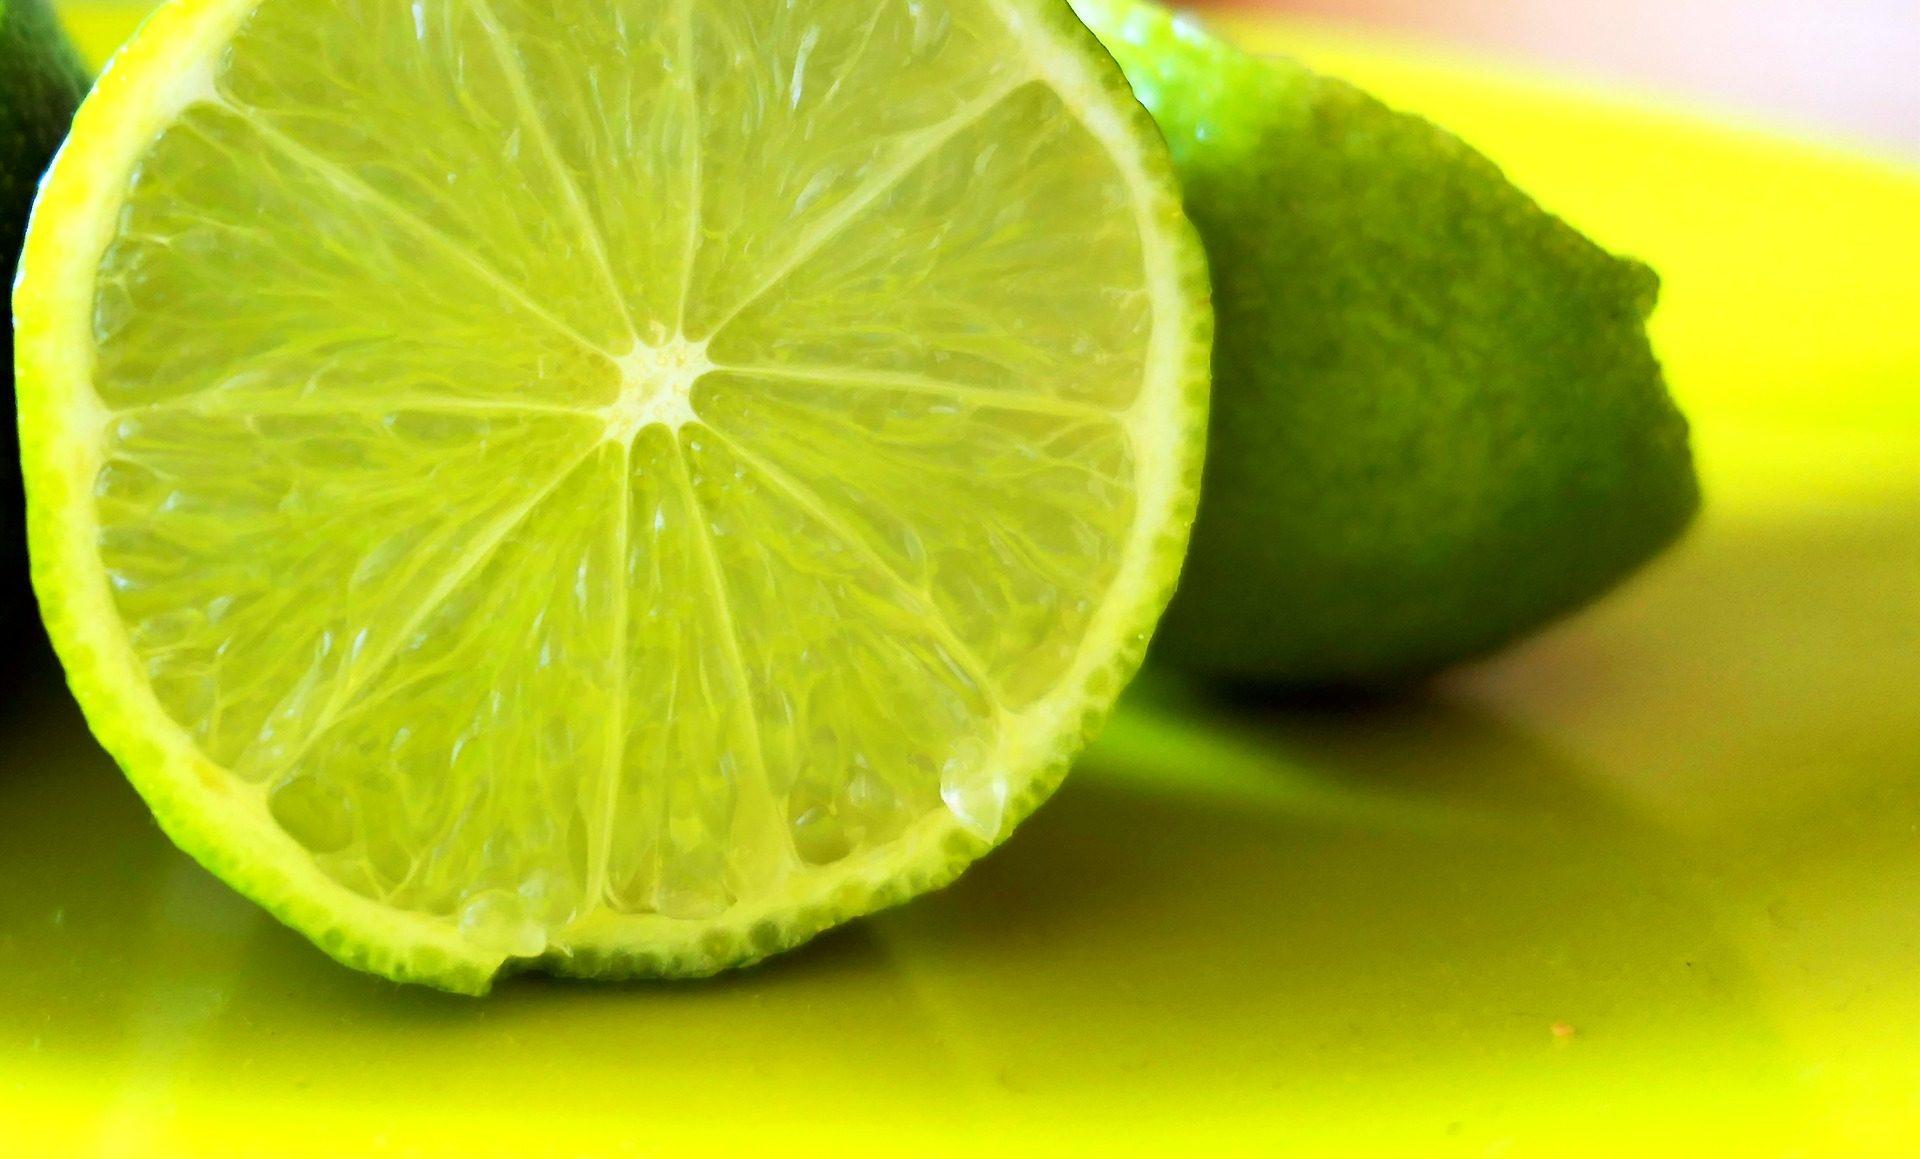 Лимон, Лима, Цитрусовые, фрукты, сок - Обои HD - Профессор falken.com